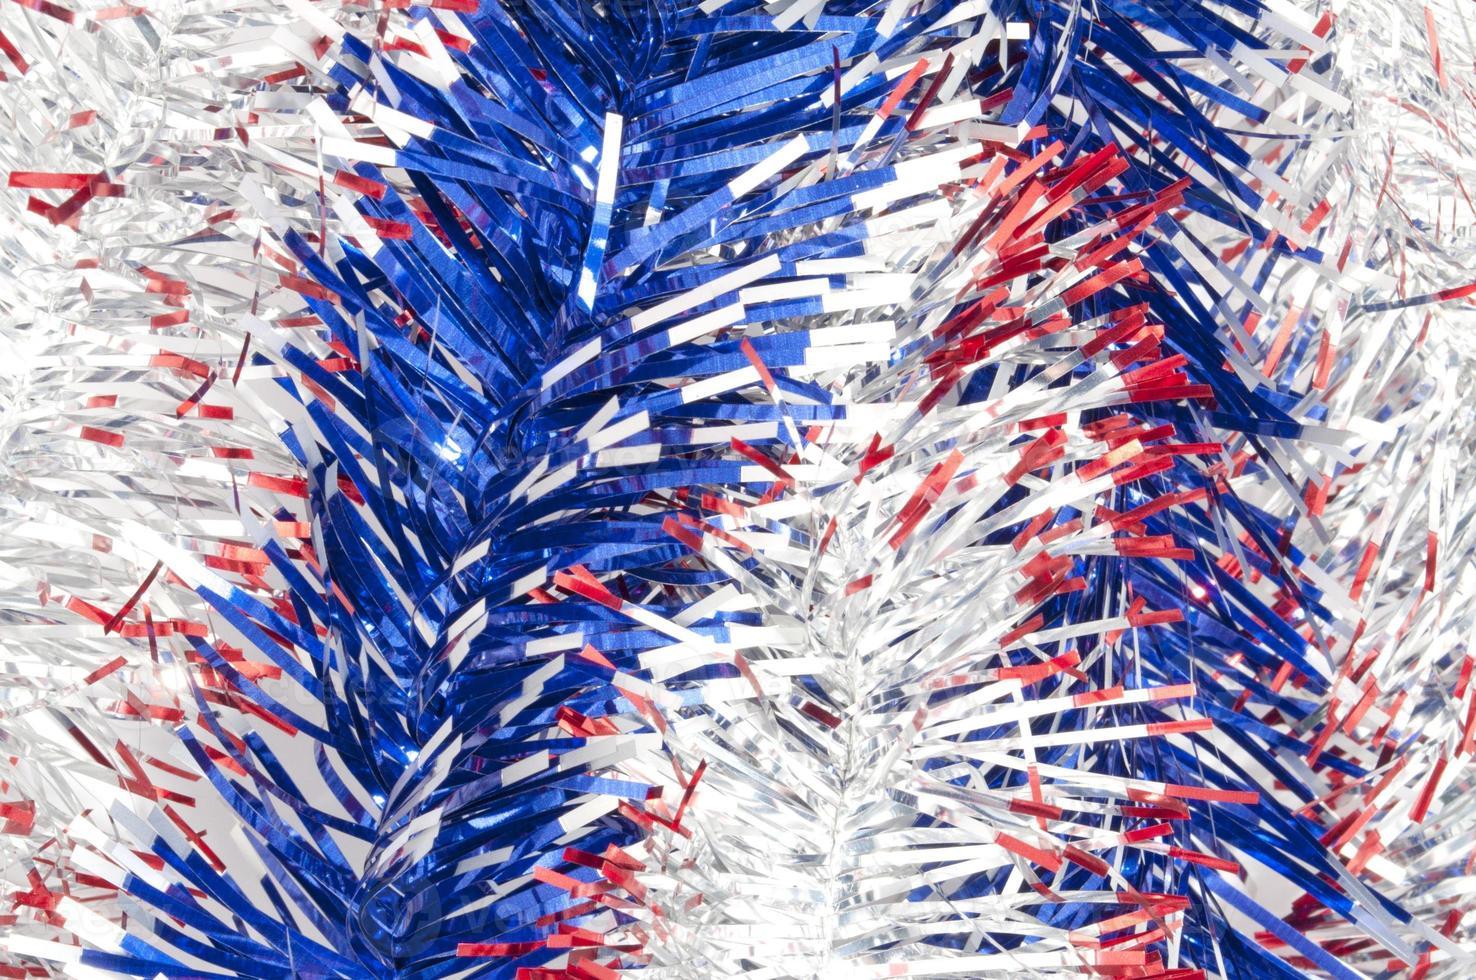 fitas vermelhas e azuis prateadas foto